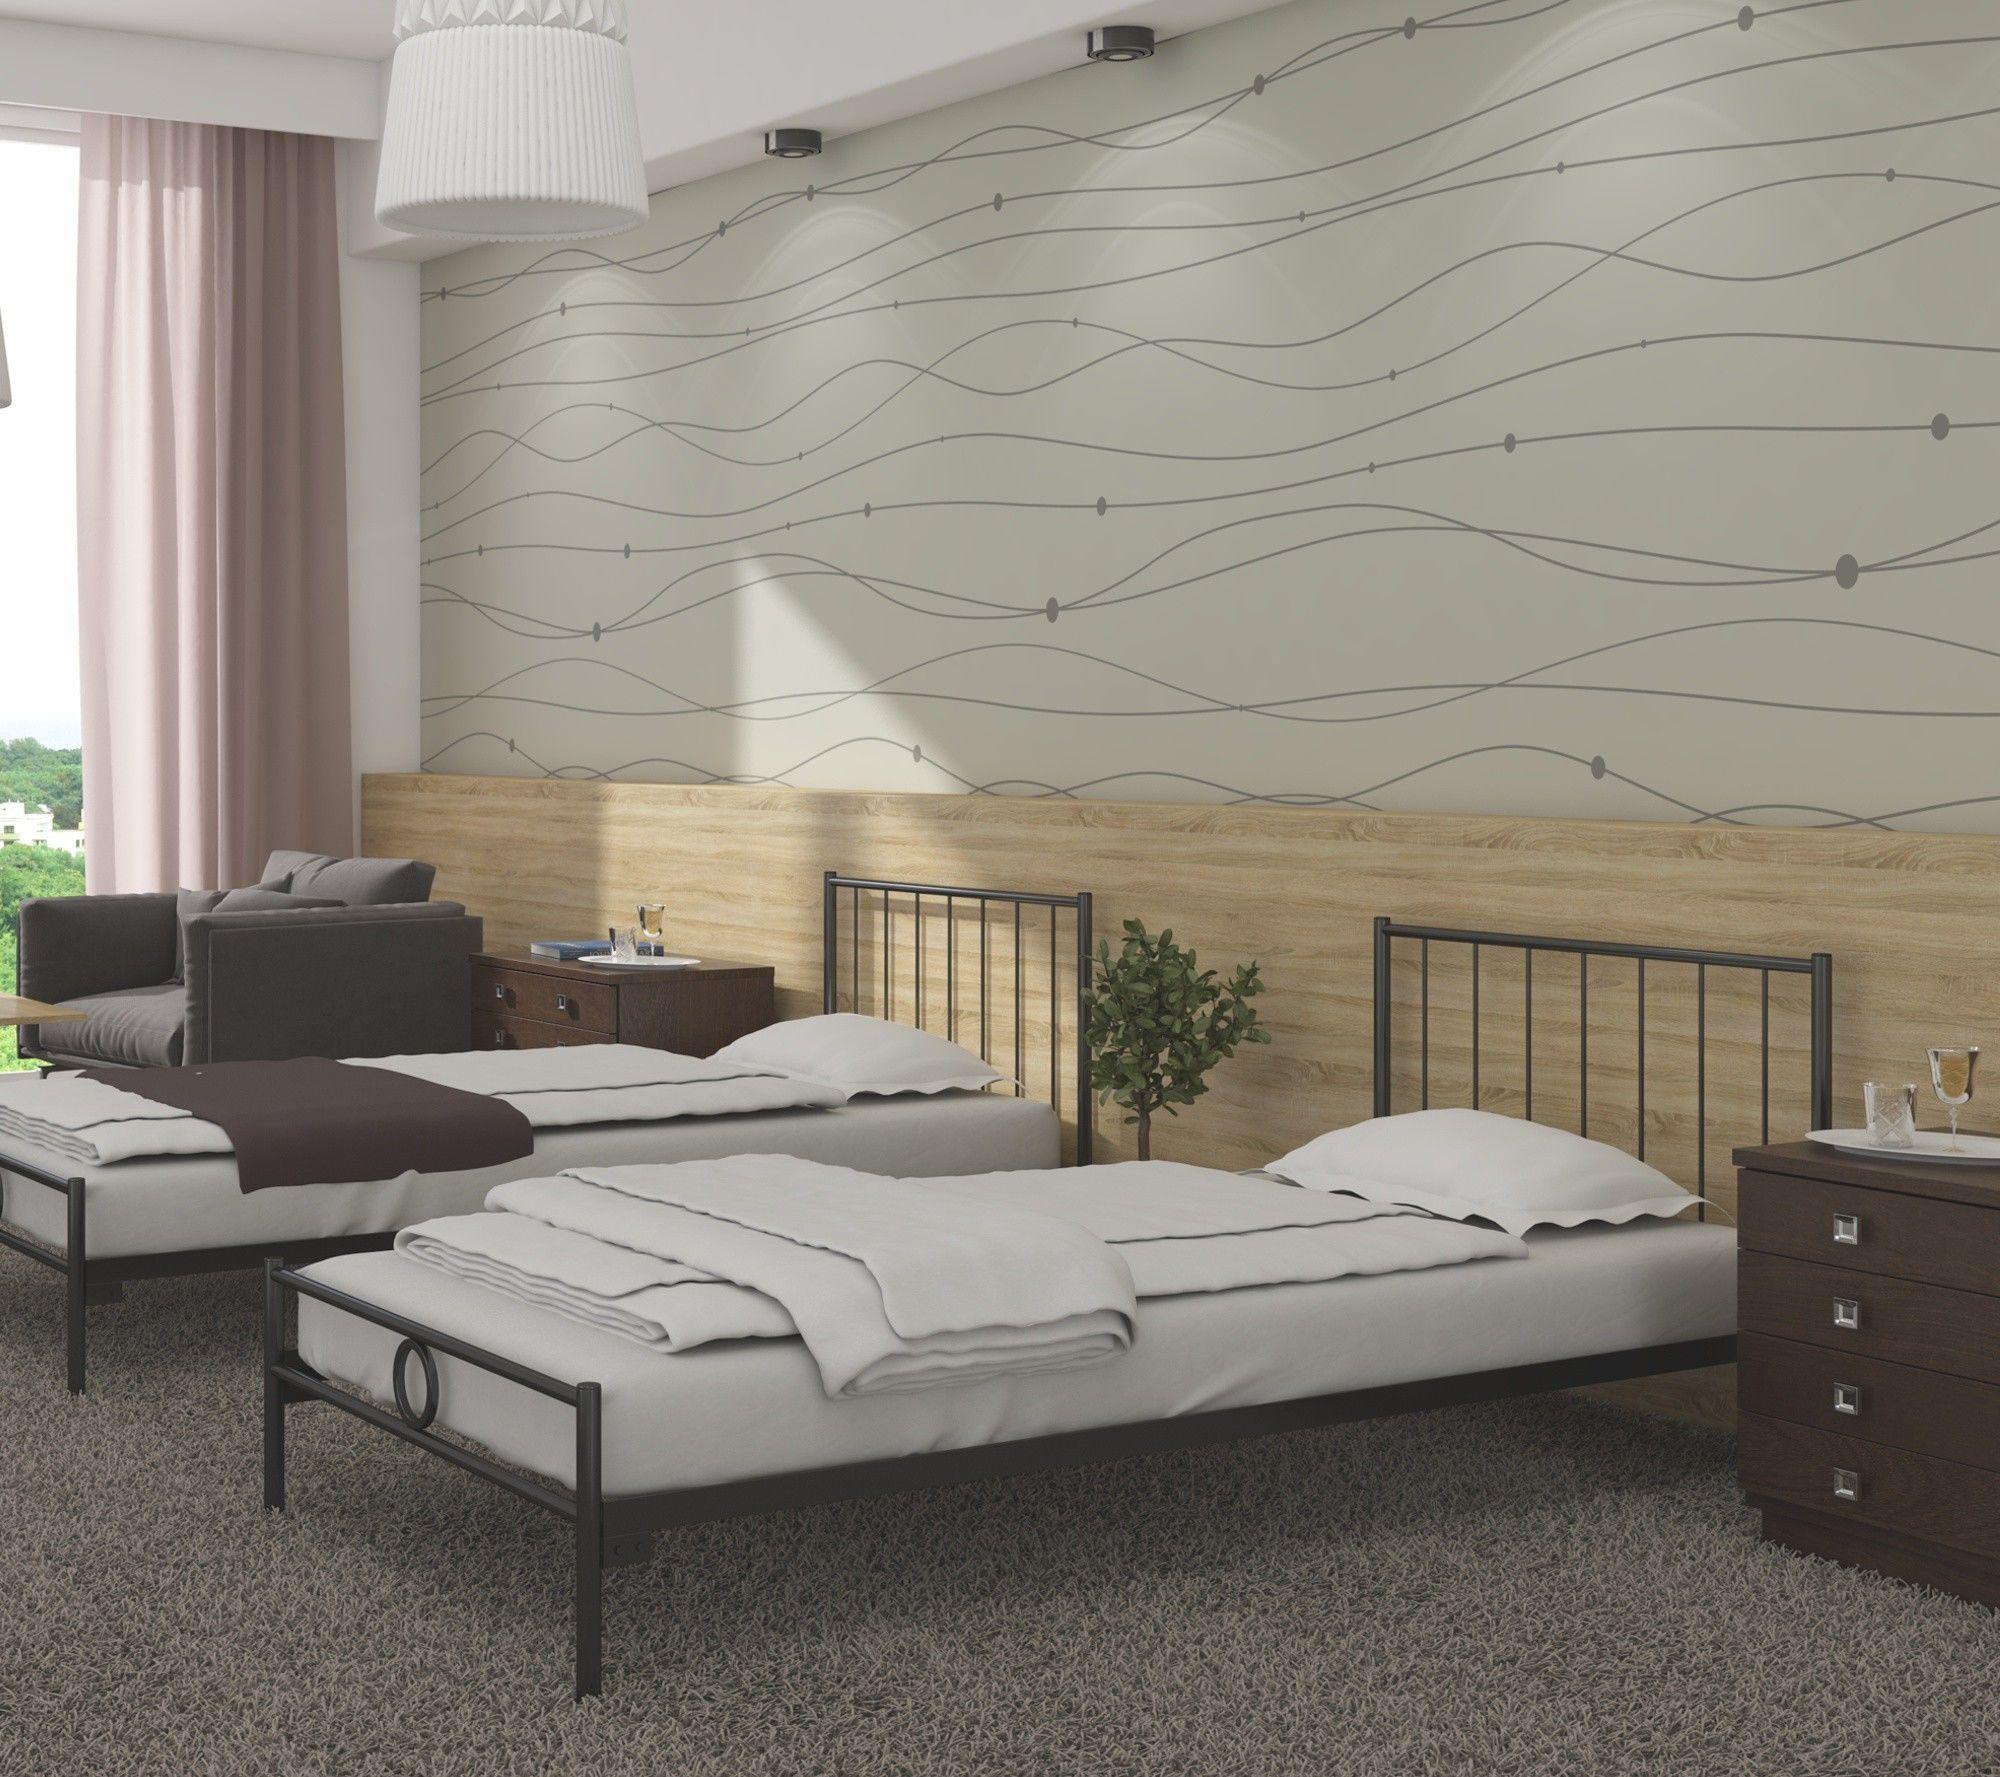 łóżko metalowe 90x180 wzór 3J ze stelażem pod materac